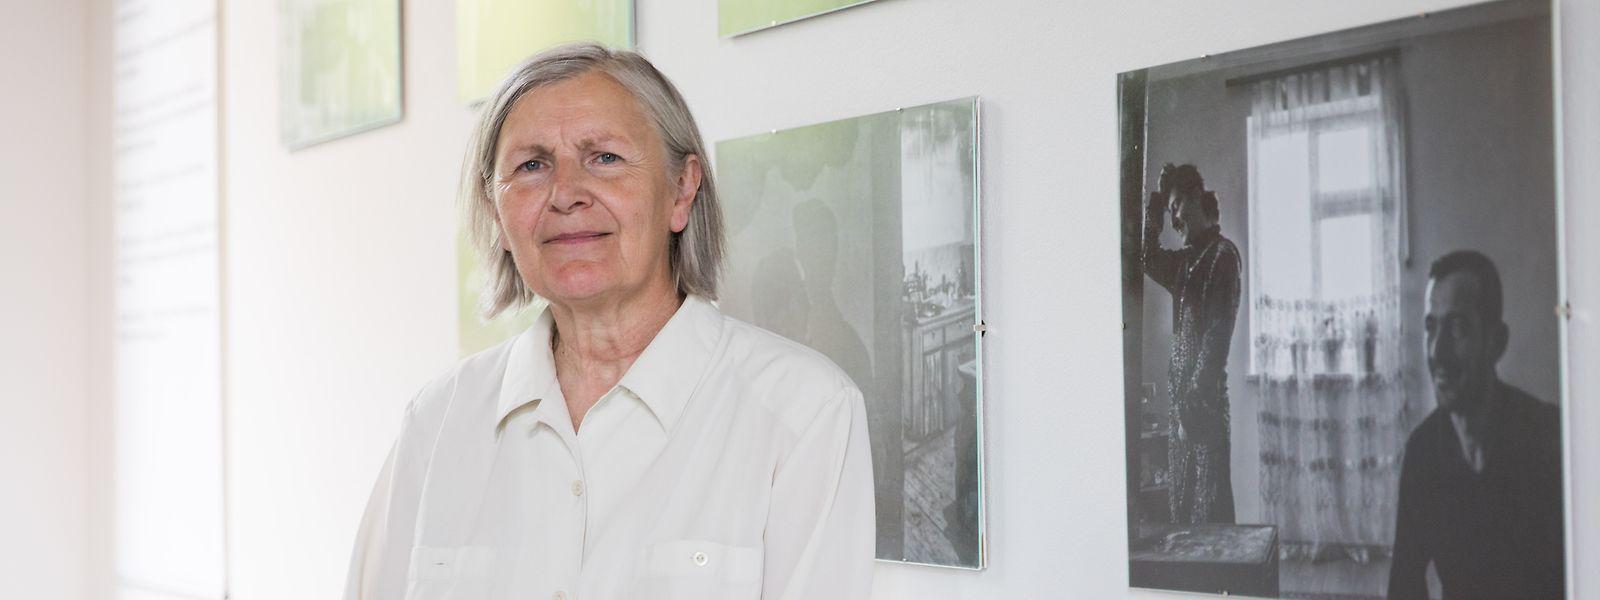 Antoinette Reuter deutet Migrationsbewegungen als ein Phänomen, das es seit Menschengedenken gibt, heute aber mehr denn je im Fokus steht.